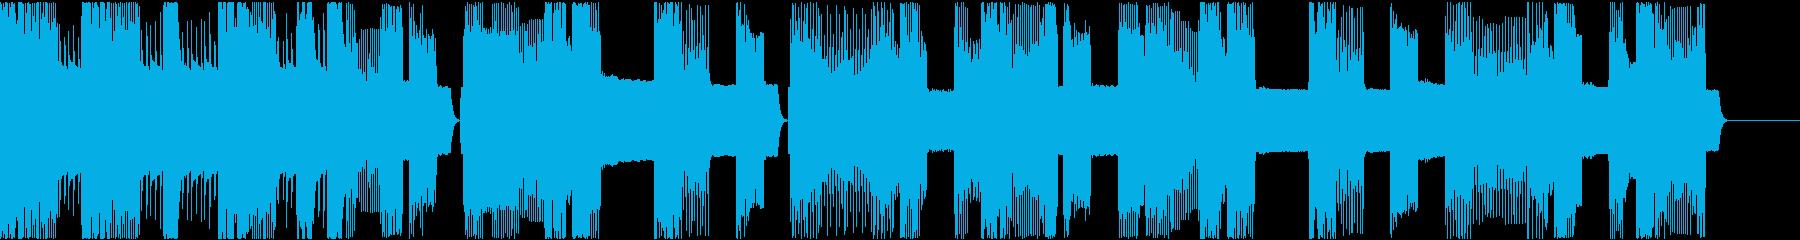 おバカな場面にピッタリなピコピコジングルの再生済みの波形